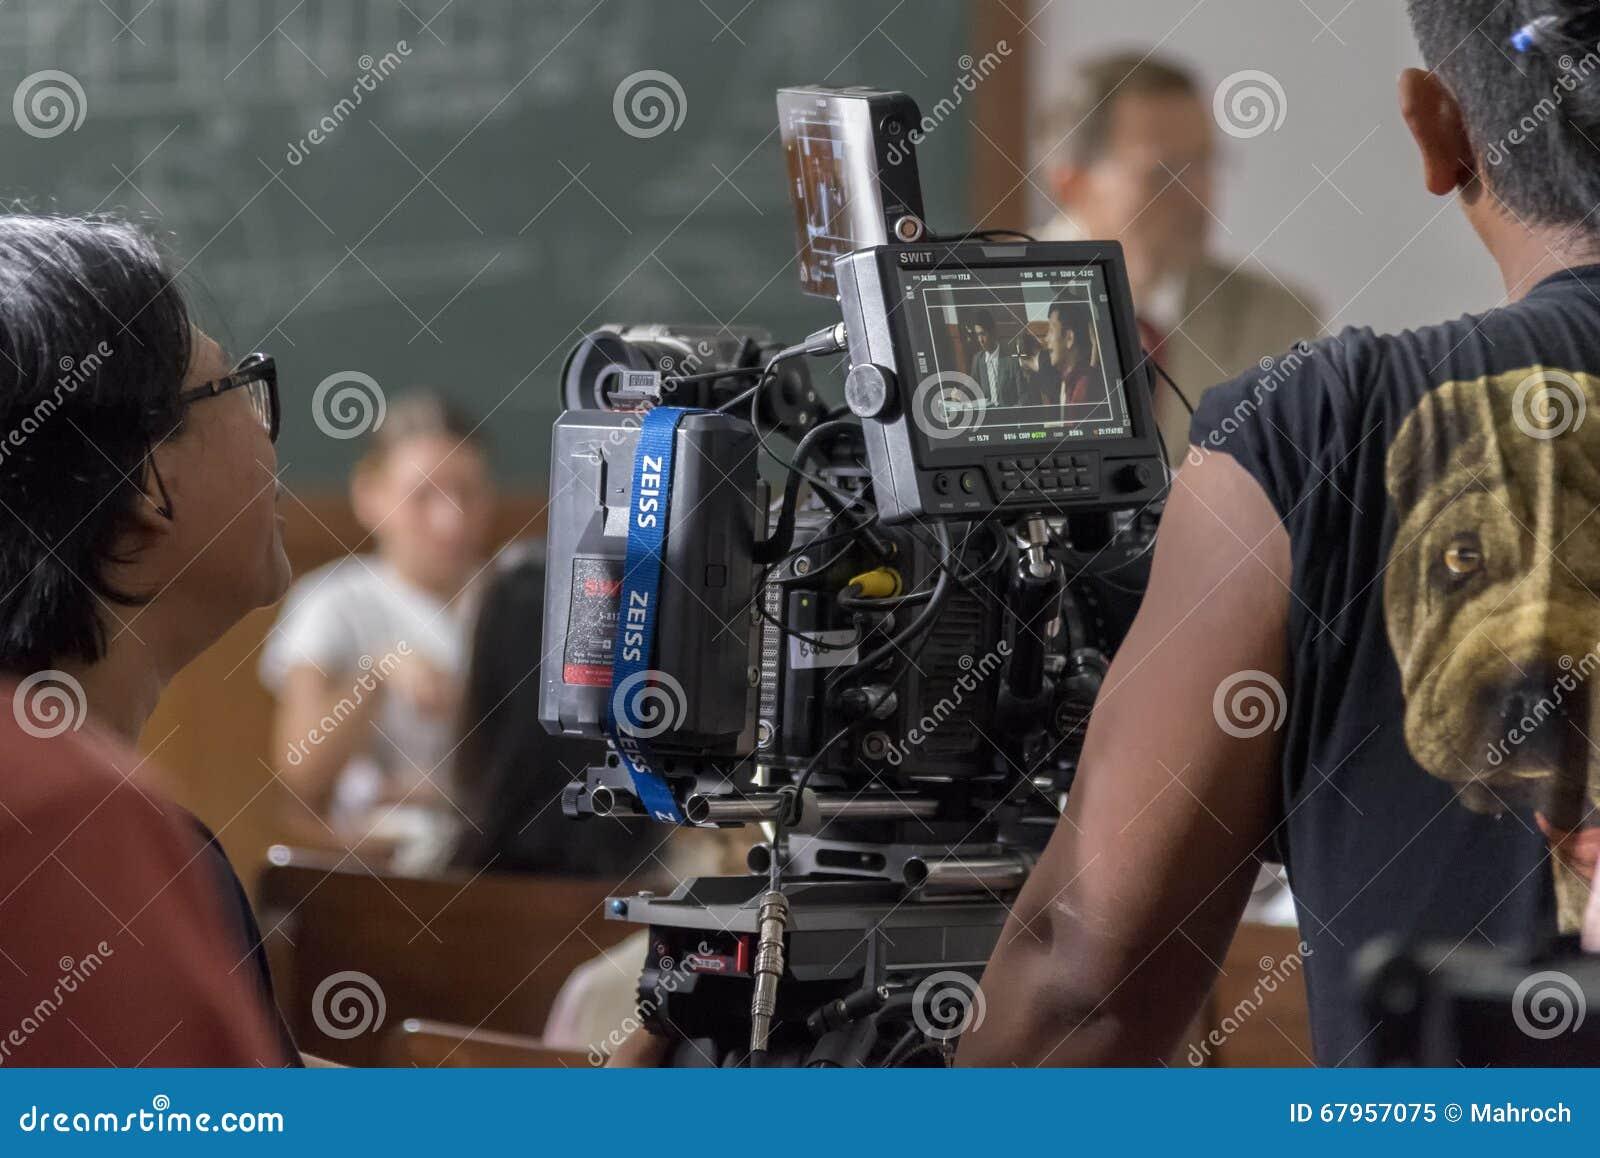 Jogjakarta, Indonesien - 8. März 2016: Schauspieler Reza Rahadian auf dem Kameravorschauschirm während des Schießens des Films Ru